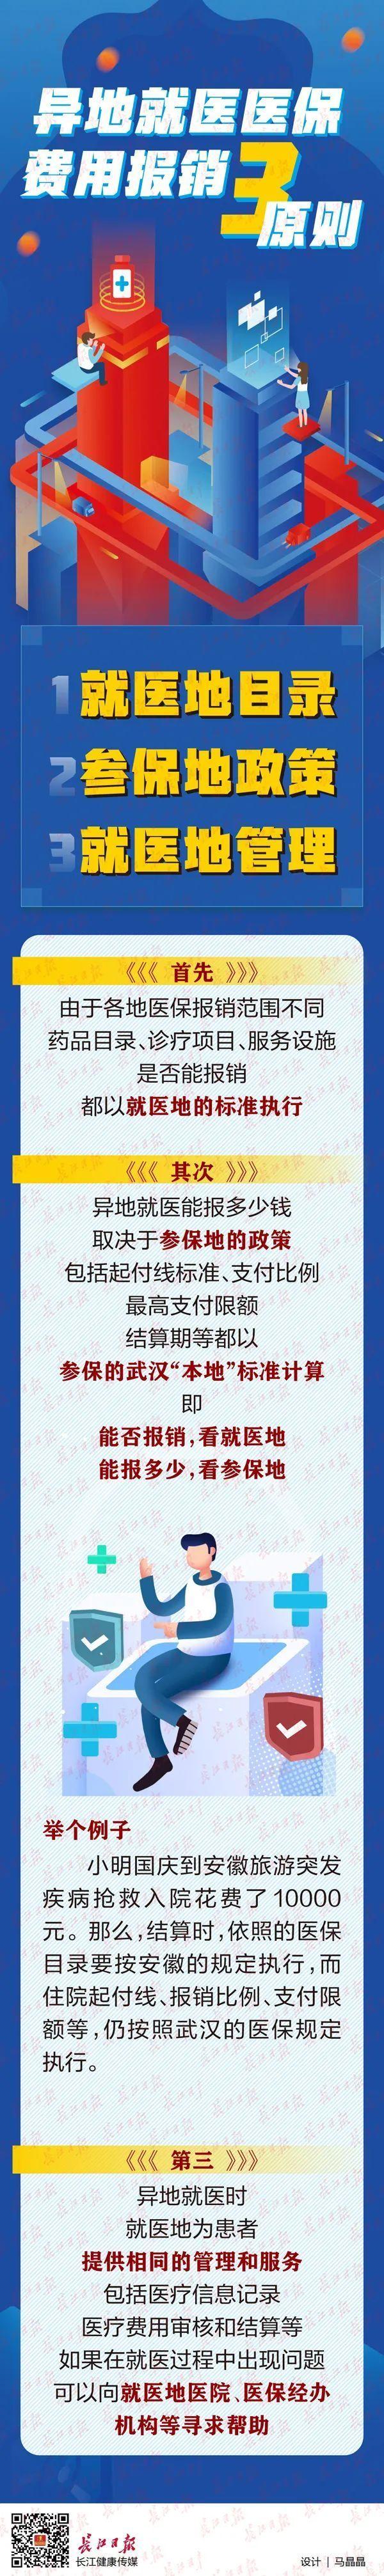 出门在外的武汉人怎样用医保 异地使用医保报销三原则